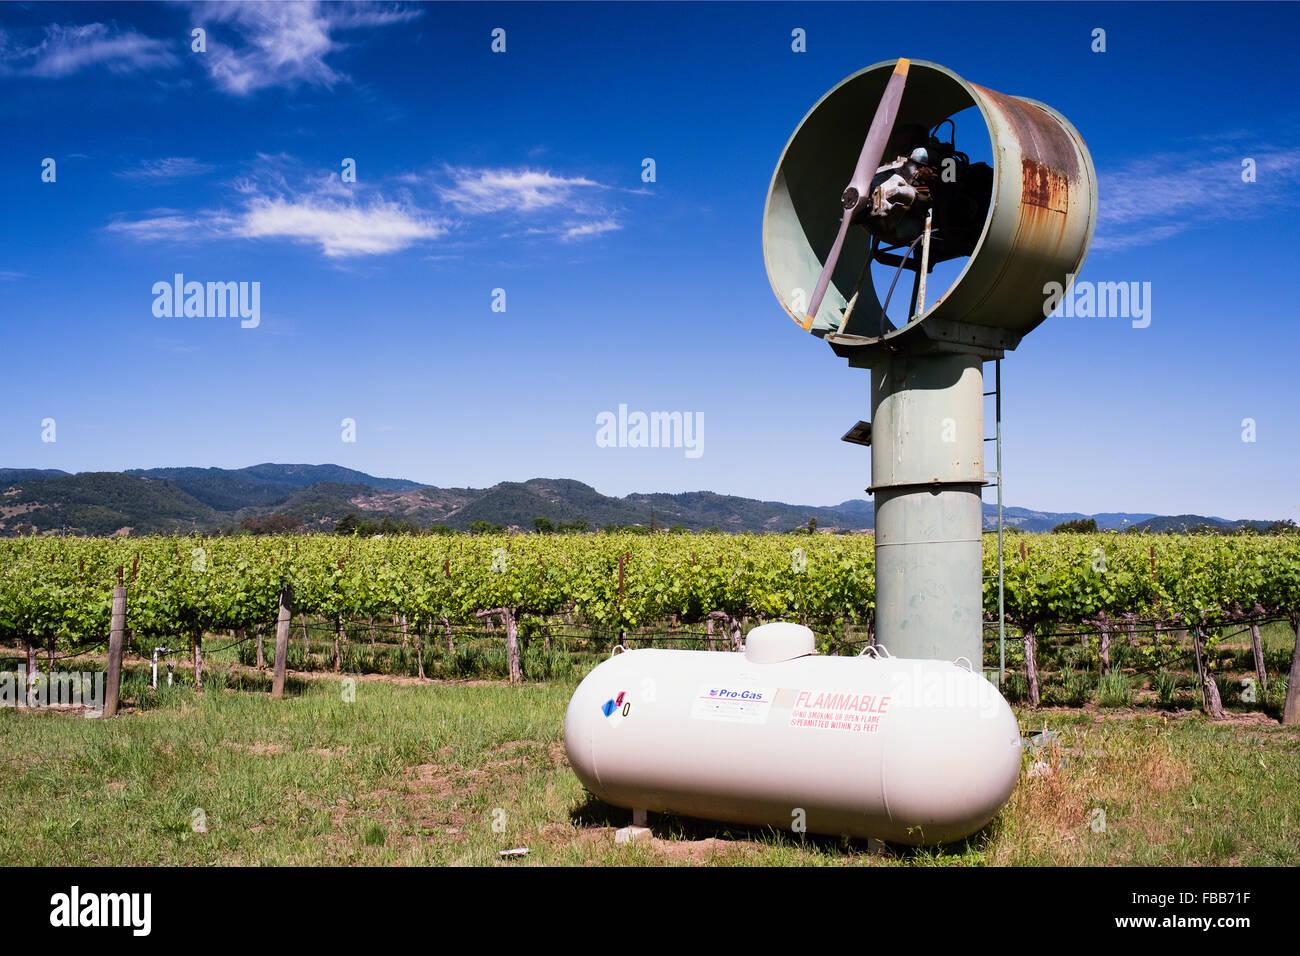 Ángulo de visión baja de un machine del viento en un viñedo, Calistoga, Napa Valley, California. Imagen De Stock